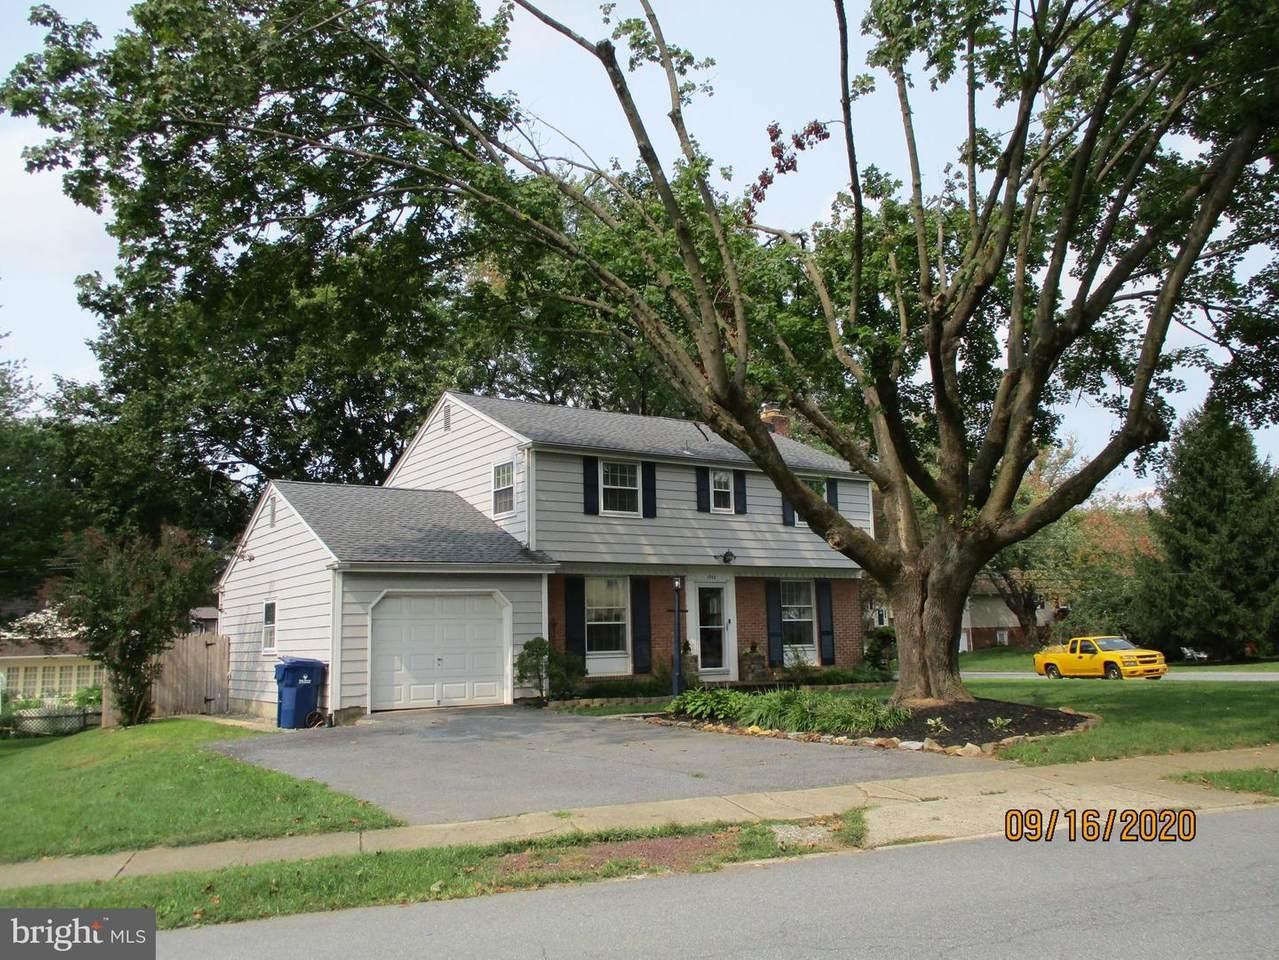 1766 Longview Drive - Photo 1